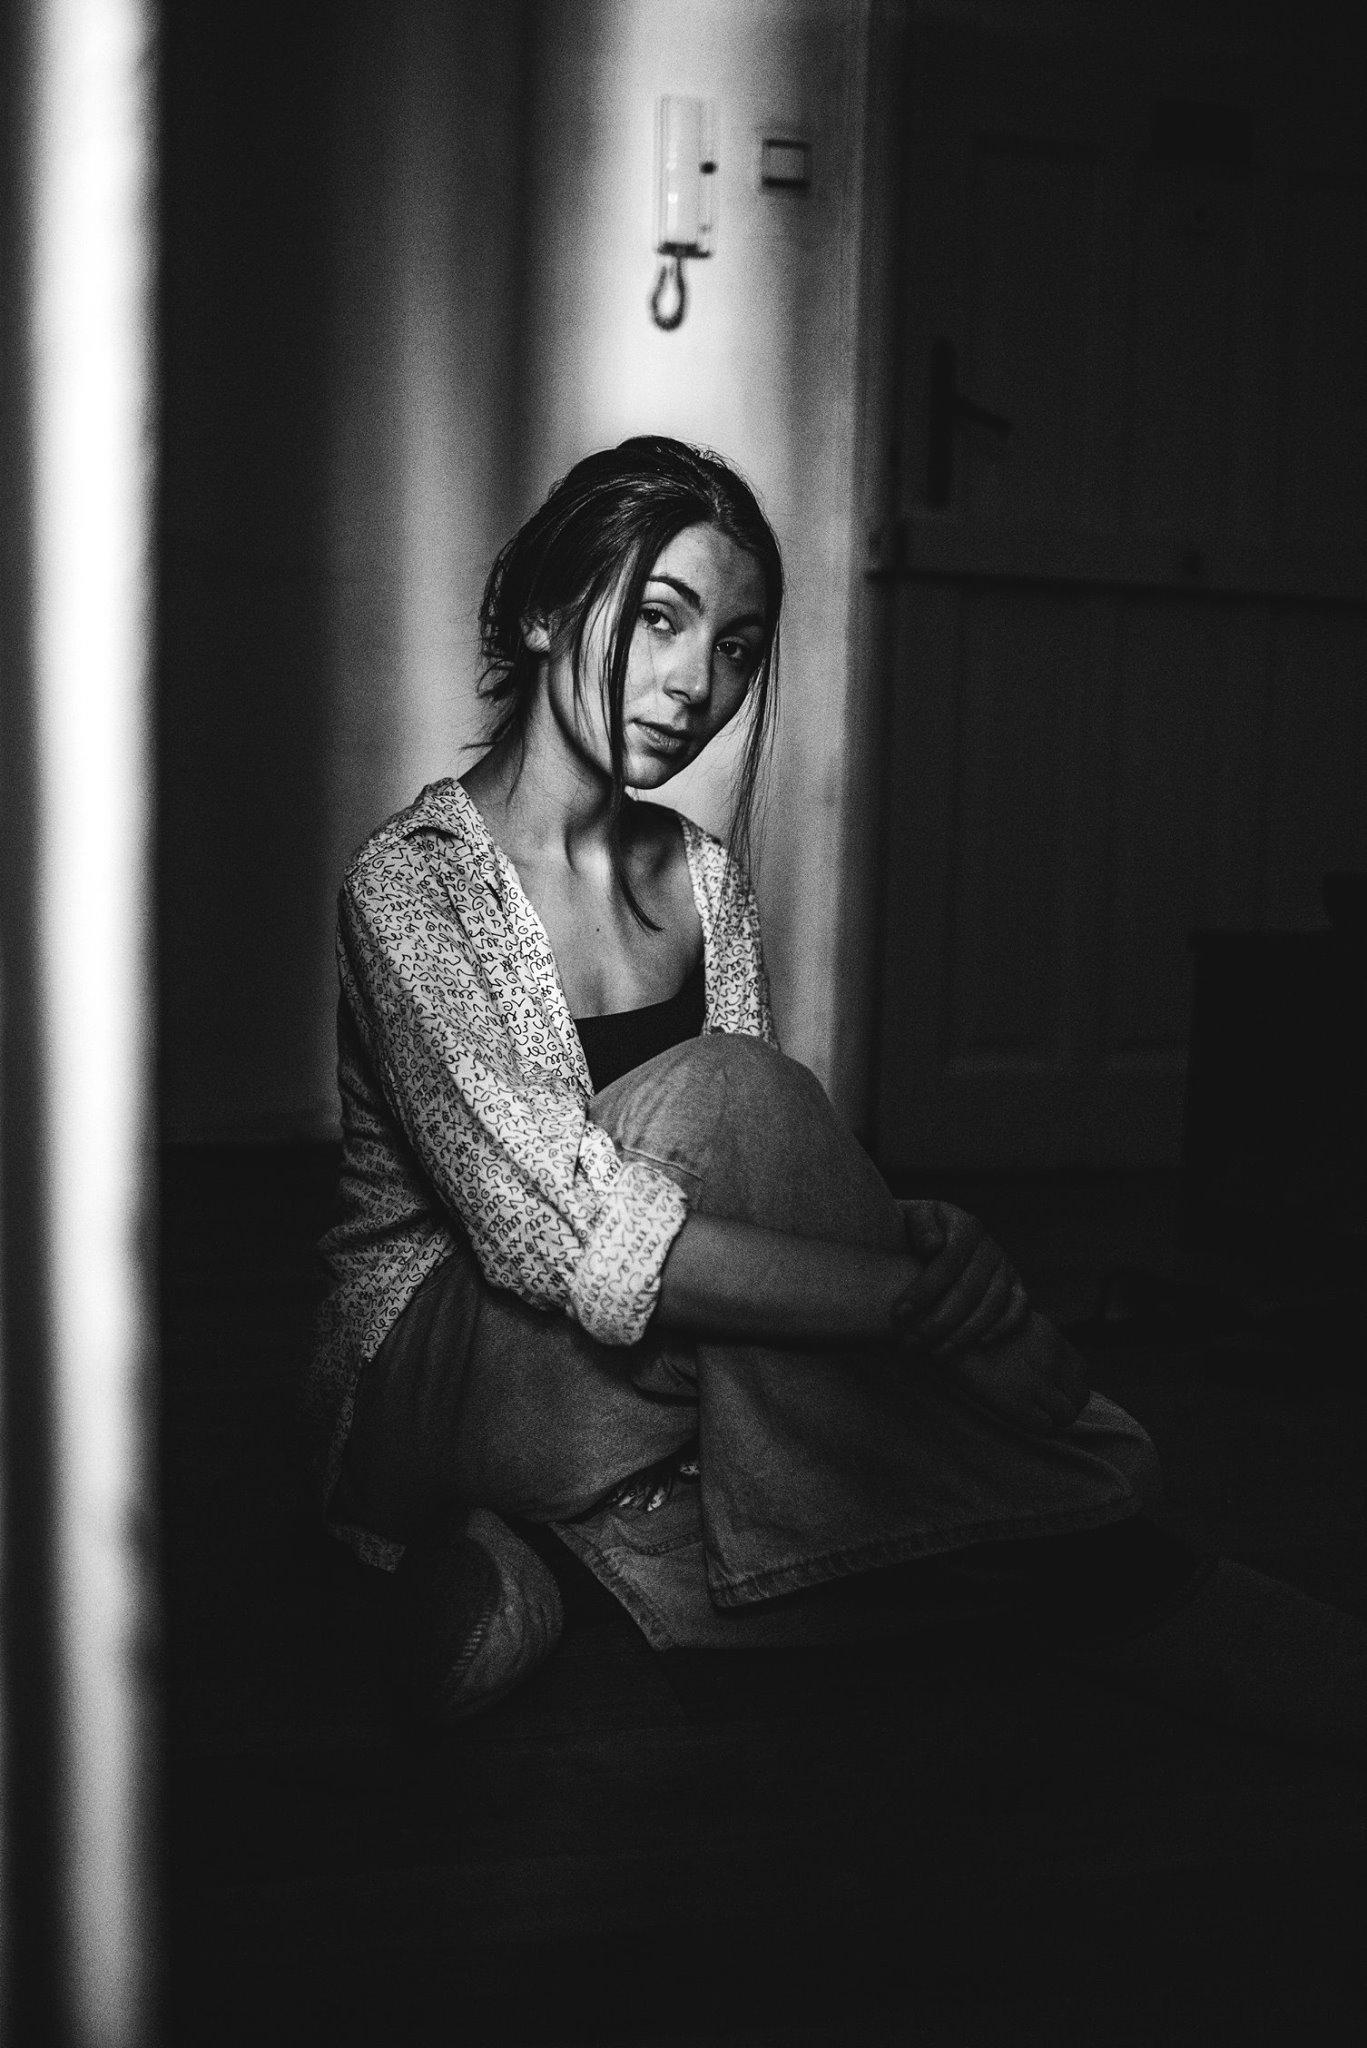 """Теодора-Косара Попова Третокурсничката в специалност """"Филмова и телевизионна режисура"""" на НАТФИЗ е сред тримата финалисти в категорията """"Чуждестранен студентски филм"""" на тазгодишните студентски Оскари. Документалният й филм """"Танда"""" е много личен и философски, разказва за случването на една милонга - събитие за танцуване на аржентинско танго между случайни познати. Самата Теодора танцува танго от години и за нея то е не просто танц, а начин на светоусещане. Вълнуващо е да имаме български новоизгряващ режисьор на студентските Оскари, нали? Сн.: Facebook"""